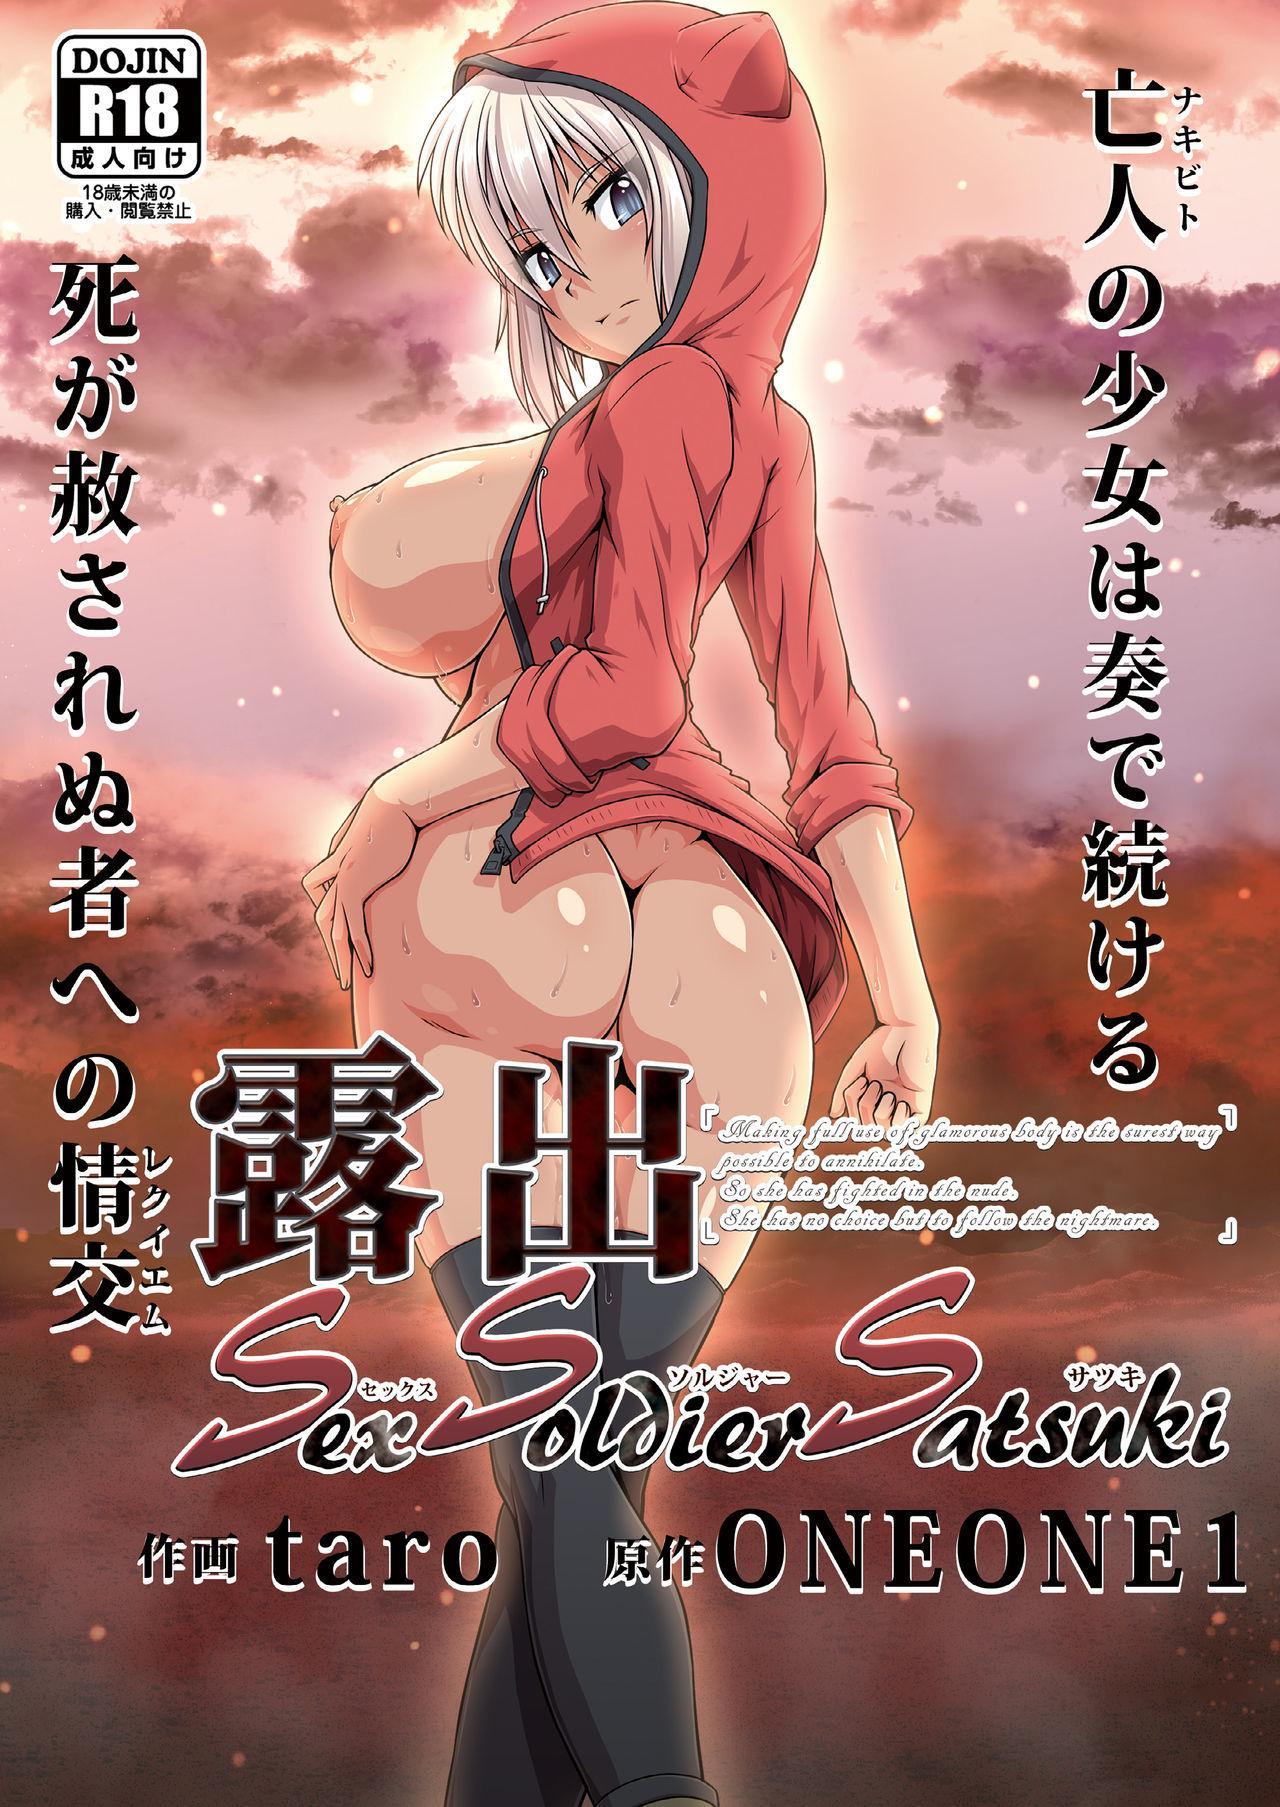 Roshutsu Sex Soldier Satsuki 0